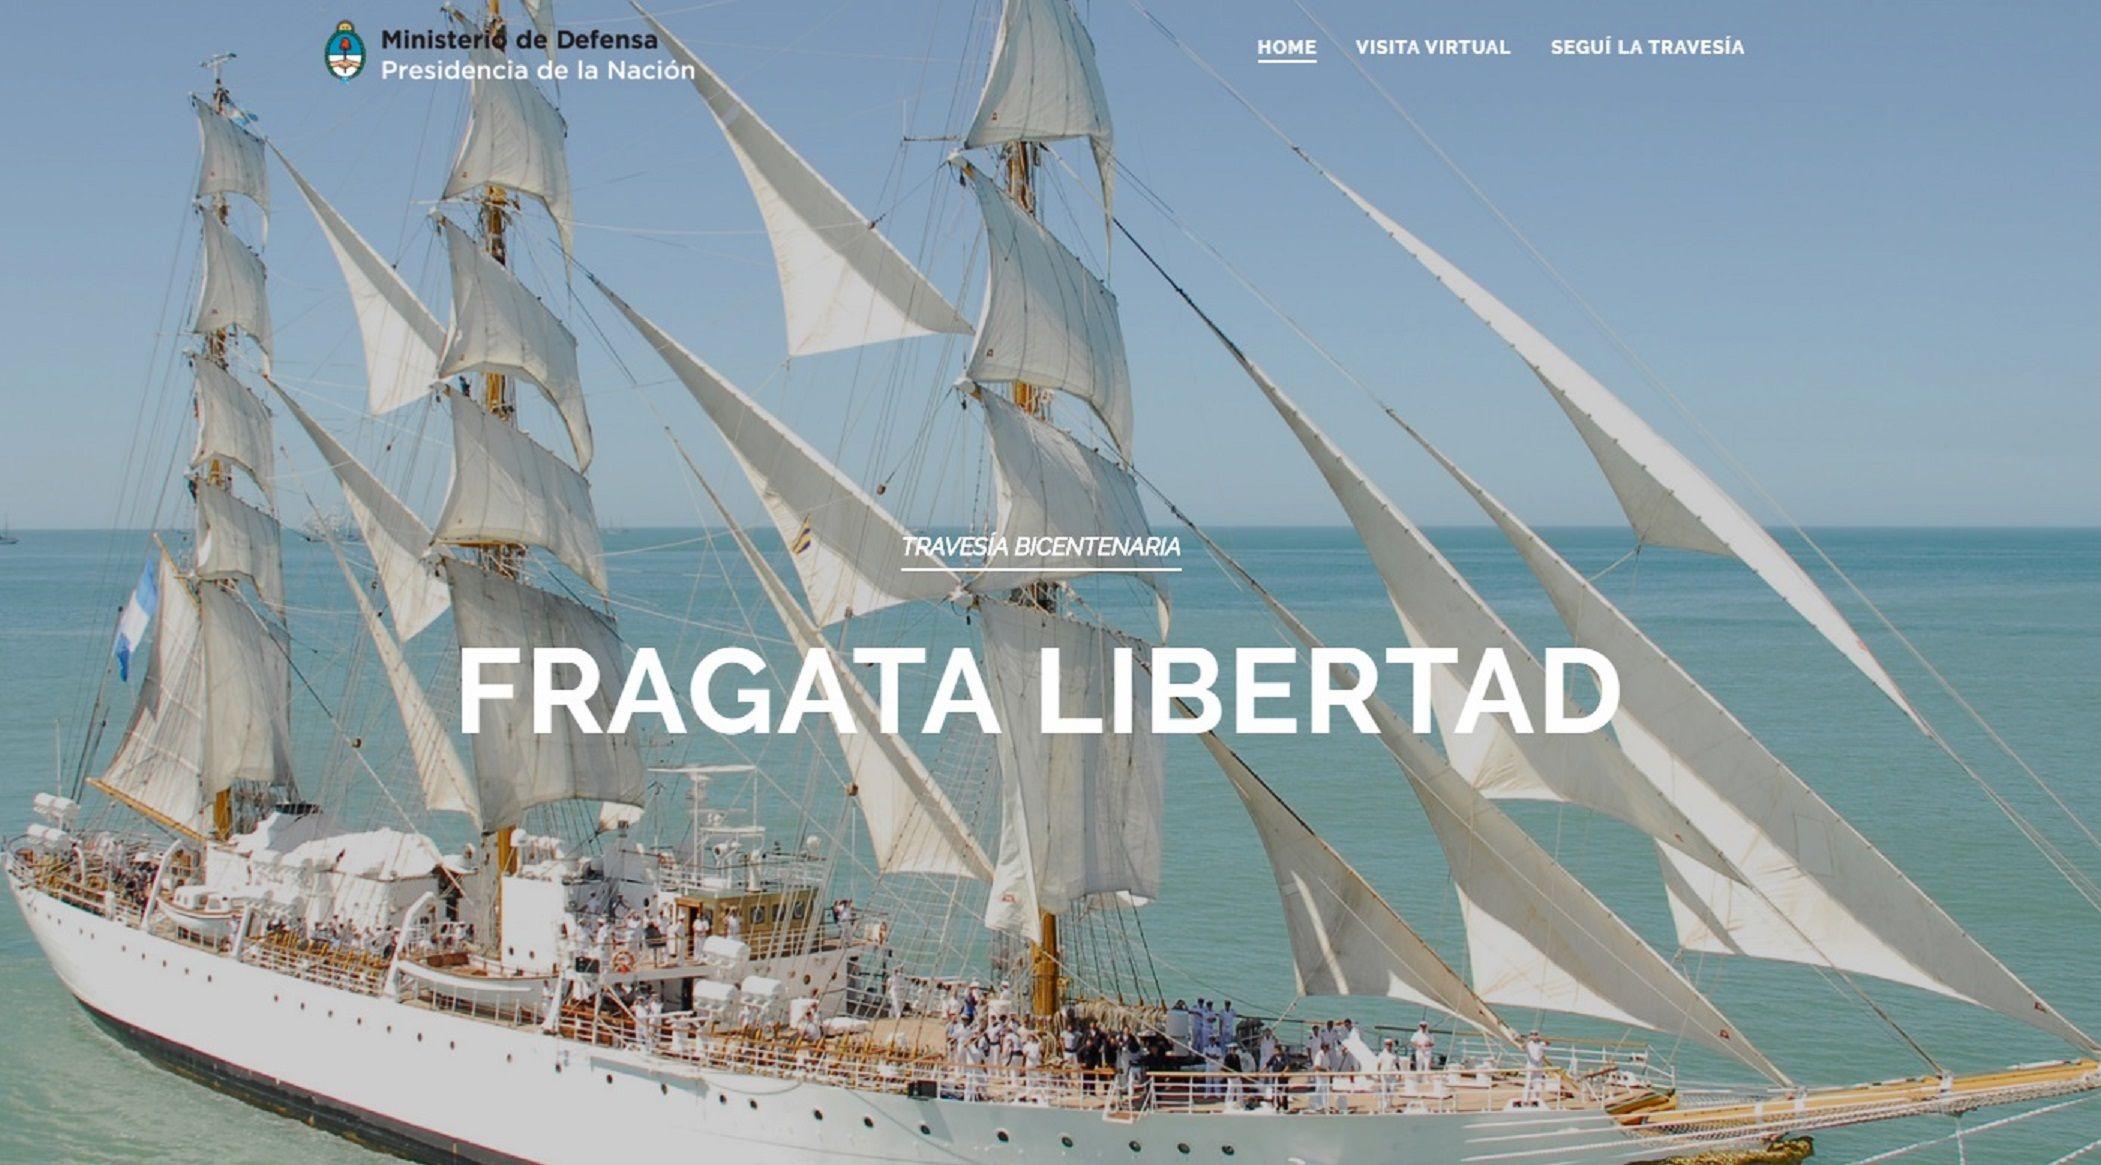 Lanzan un sitio web para seguir la travesía de La Fragata Libertad